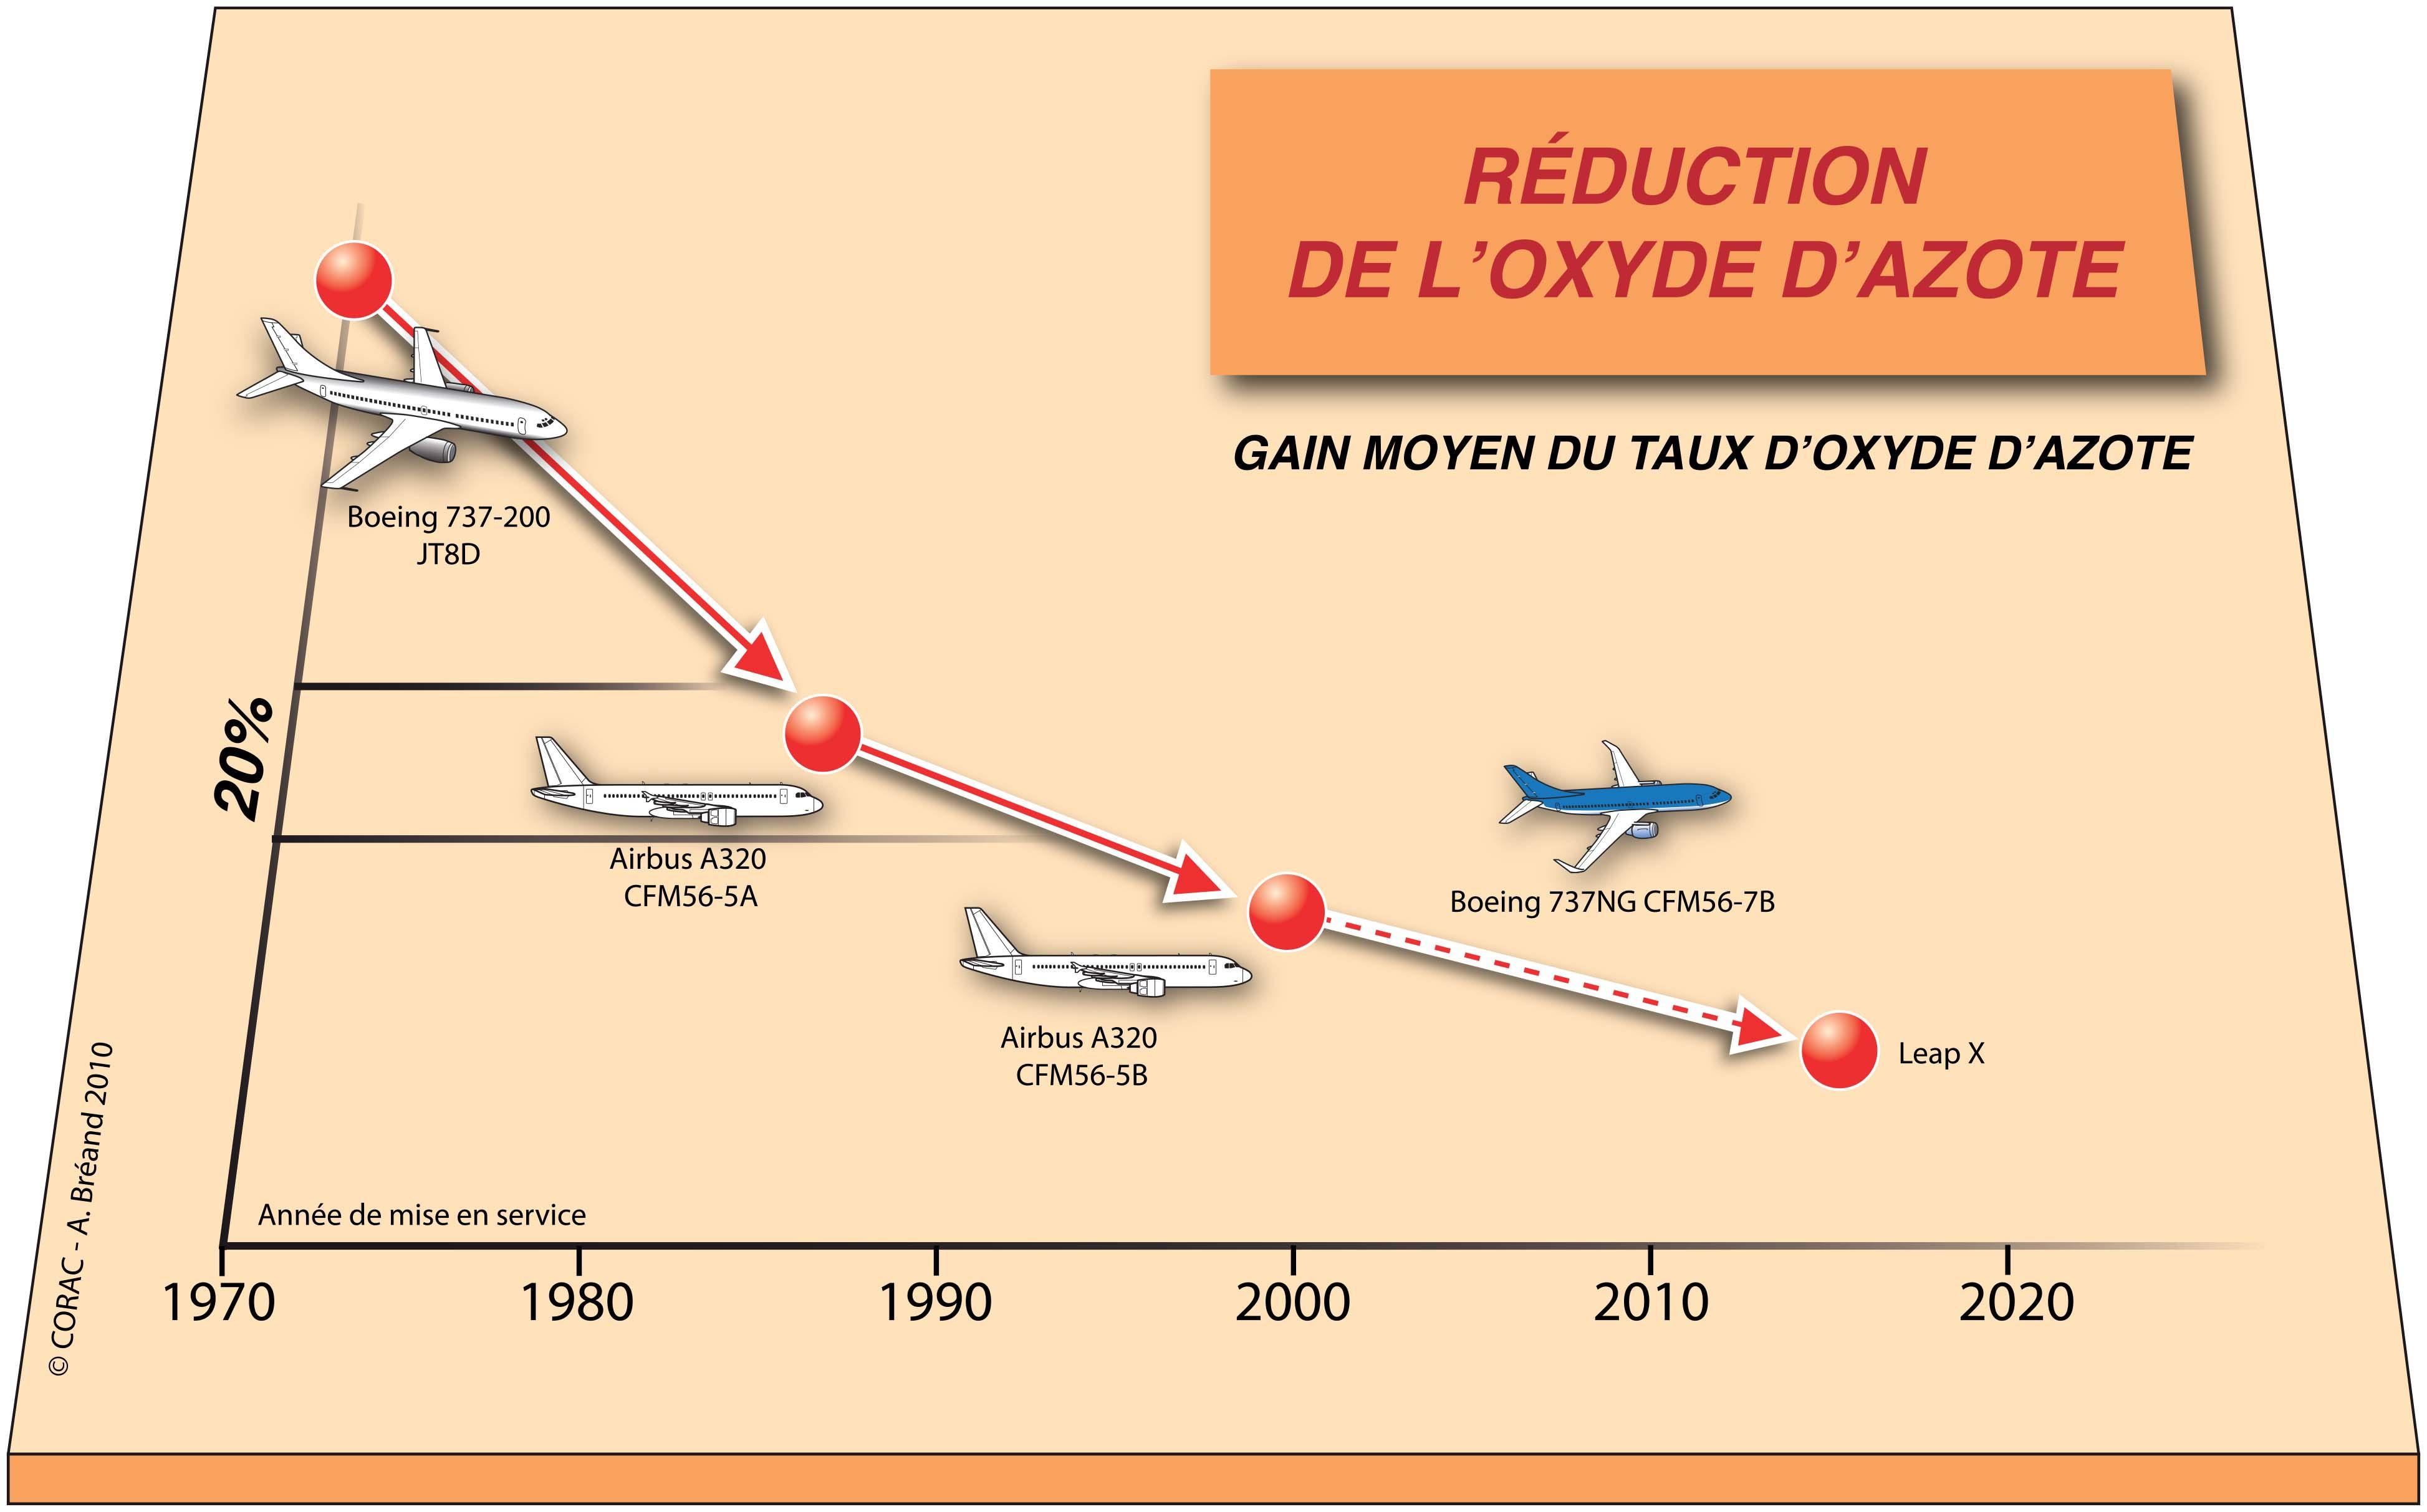 Réduction des émissions d'oxyde d'azote